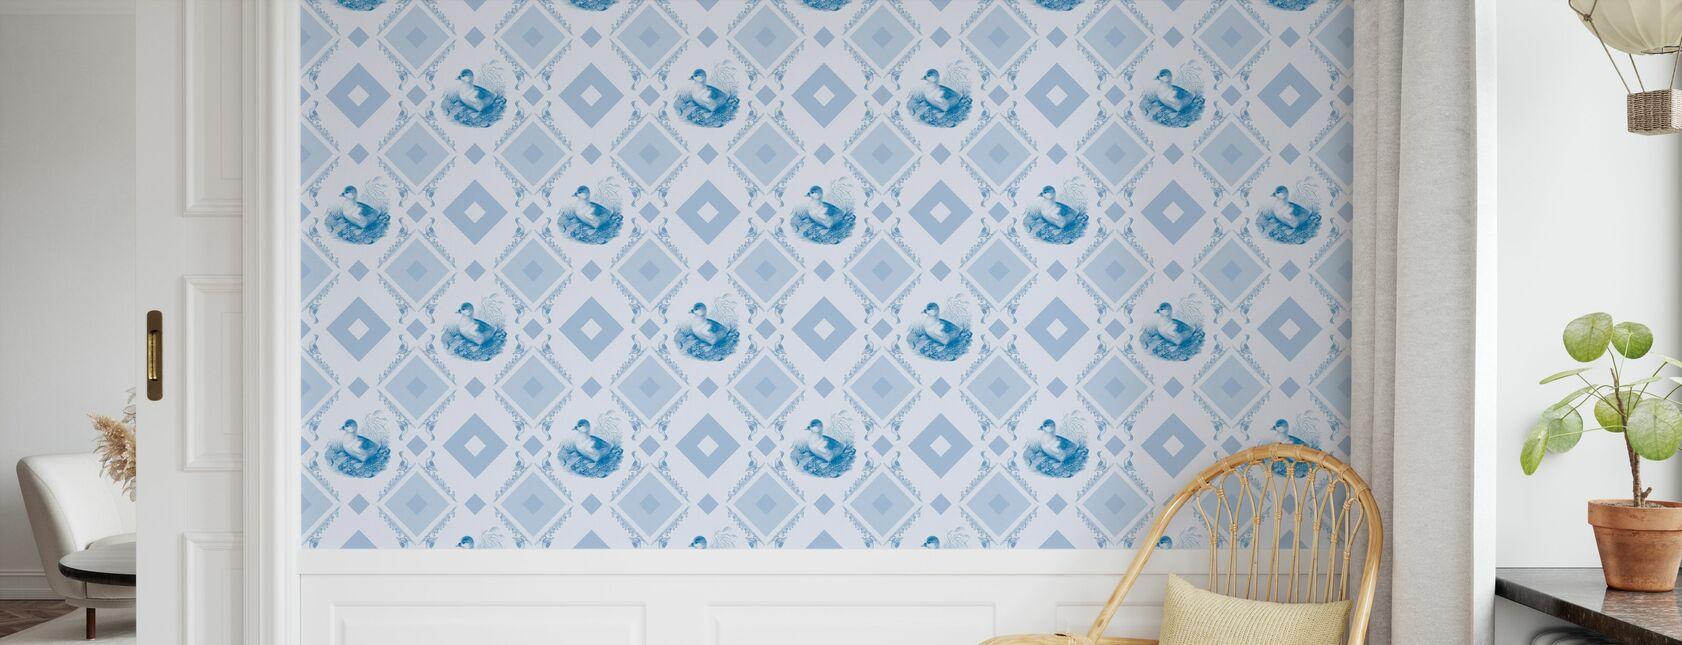 Cadre à gooseframe Ducklin - Bleu clair - Papier peint - Chambre des enfants